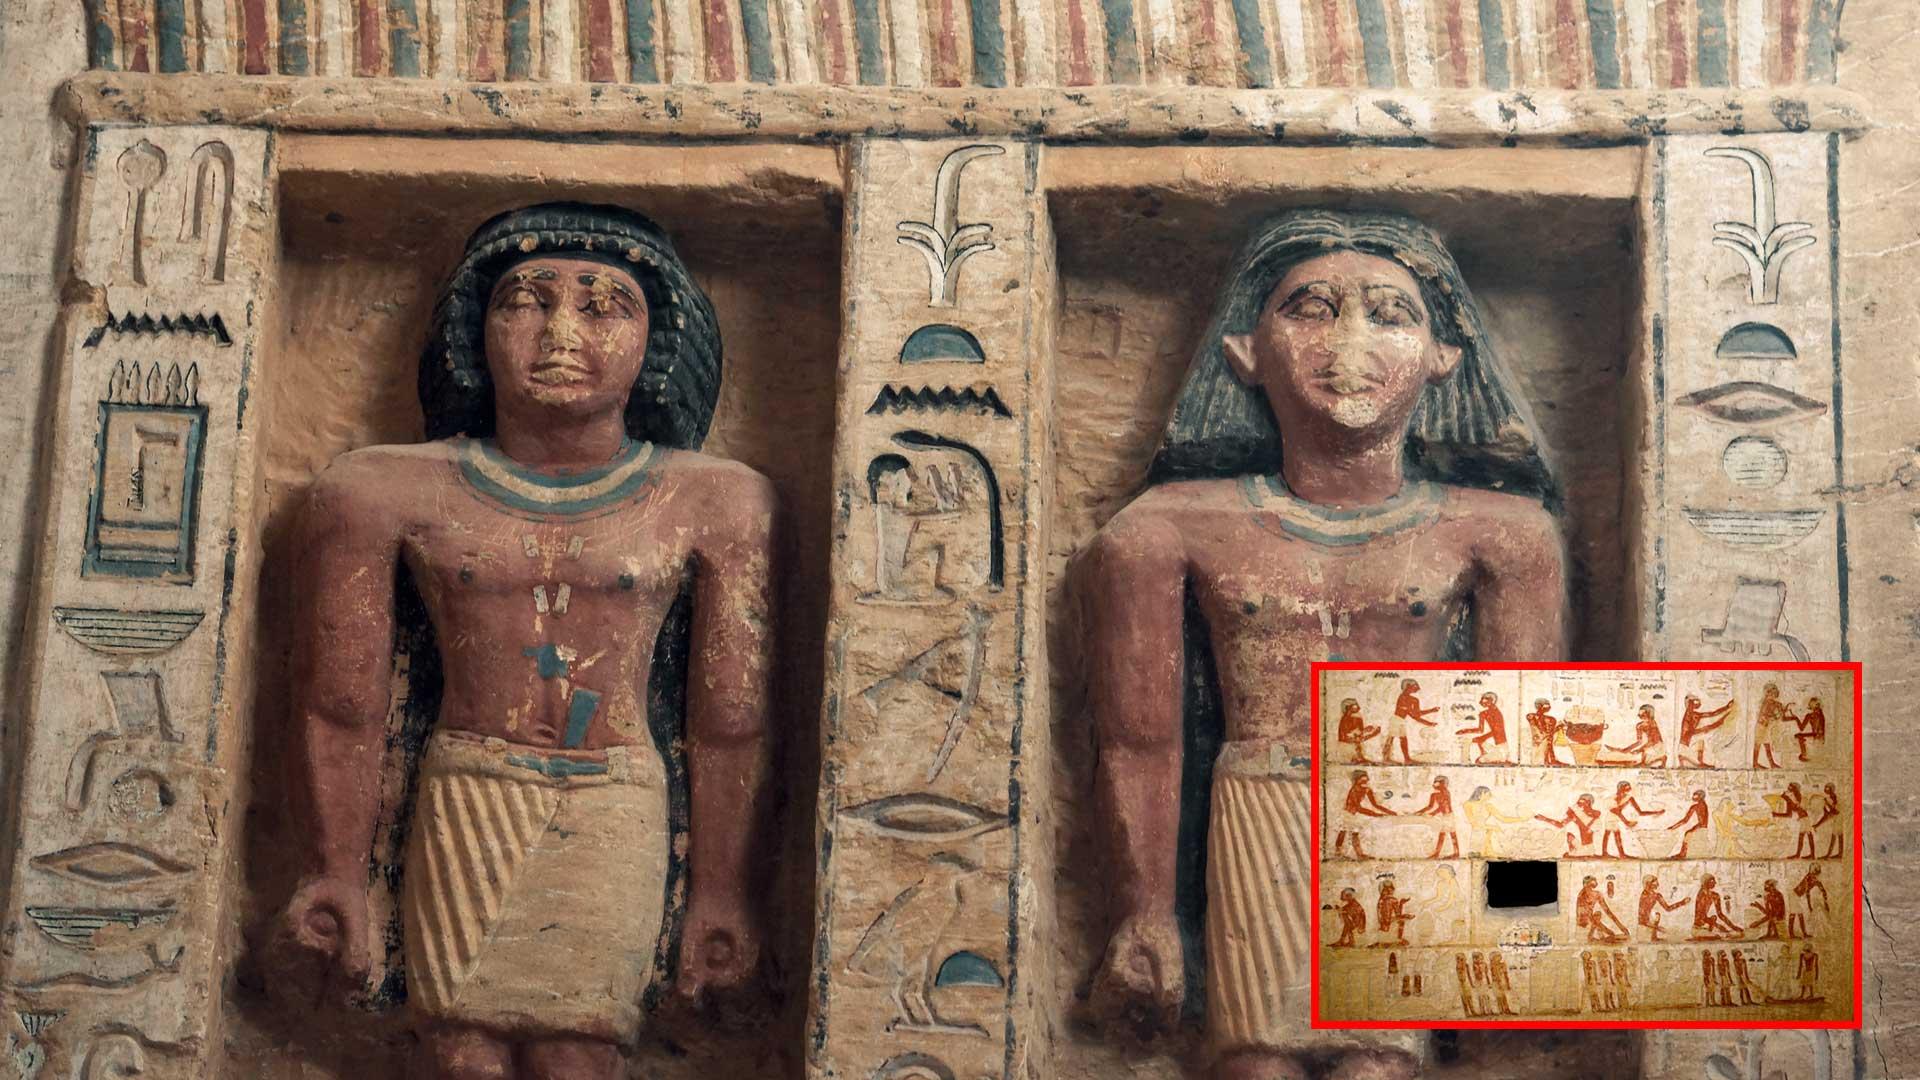 Hallan tumba de un Inspector Divino en Egipto que data de hace 4.000 años